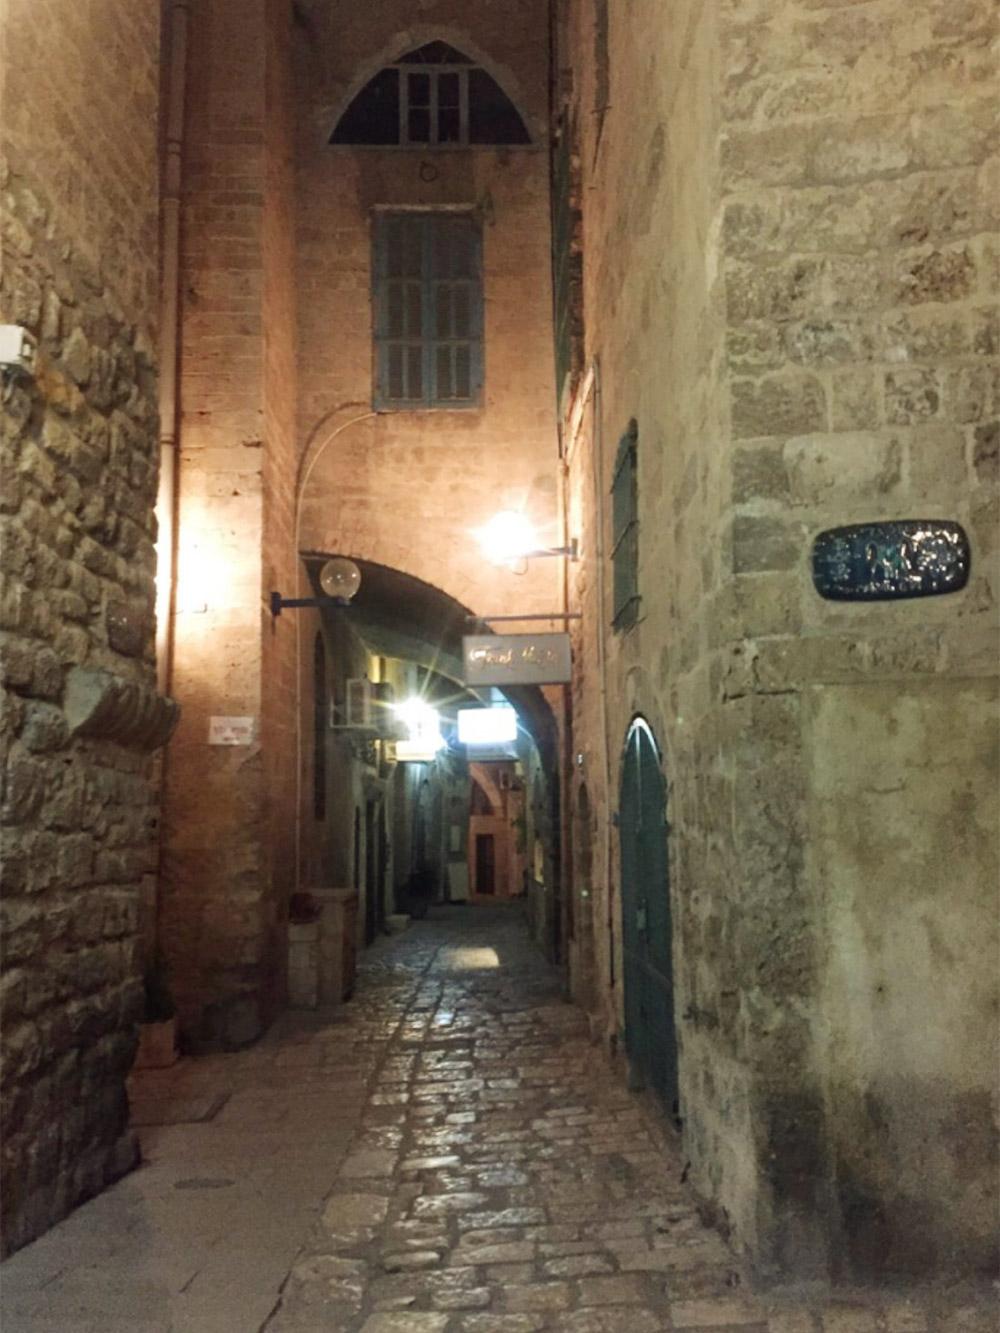 Ночью в Яффо зажигают фонари и гулять также интересно, как днем